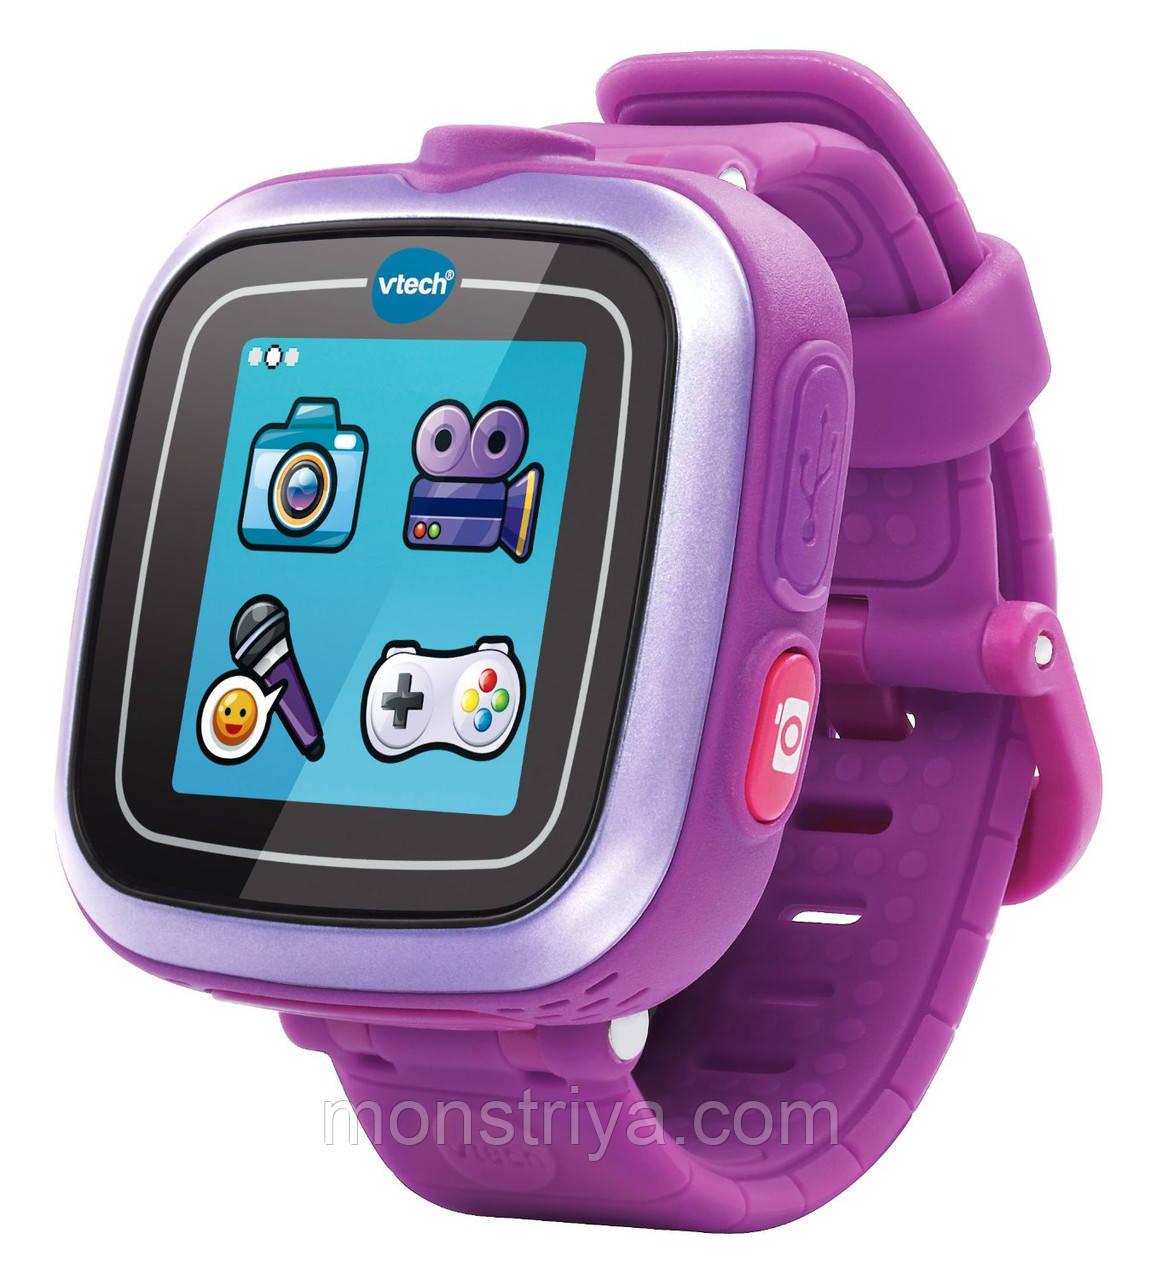 VTech Kidizoom Smartwatch VTech Kidizoom умные часы для детей